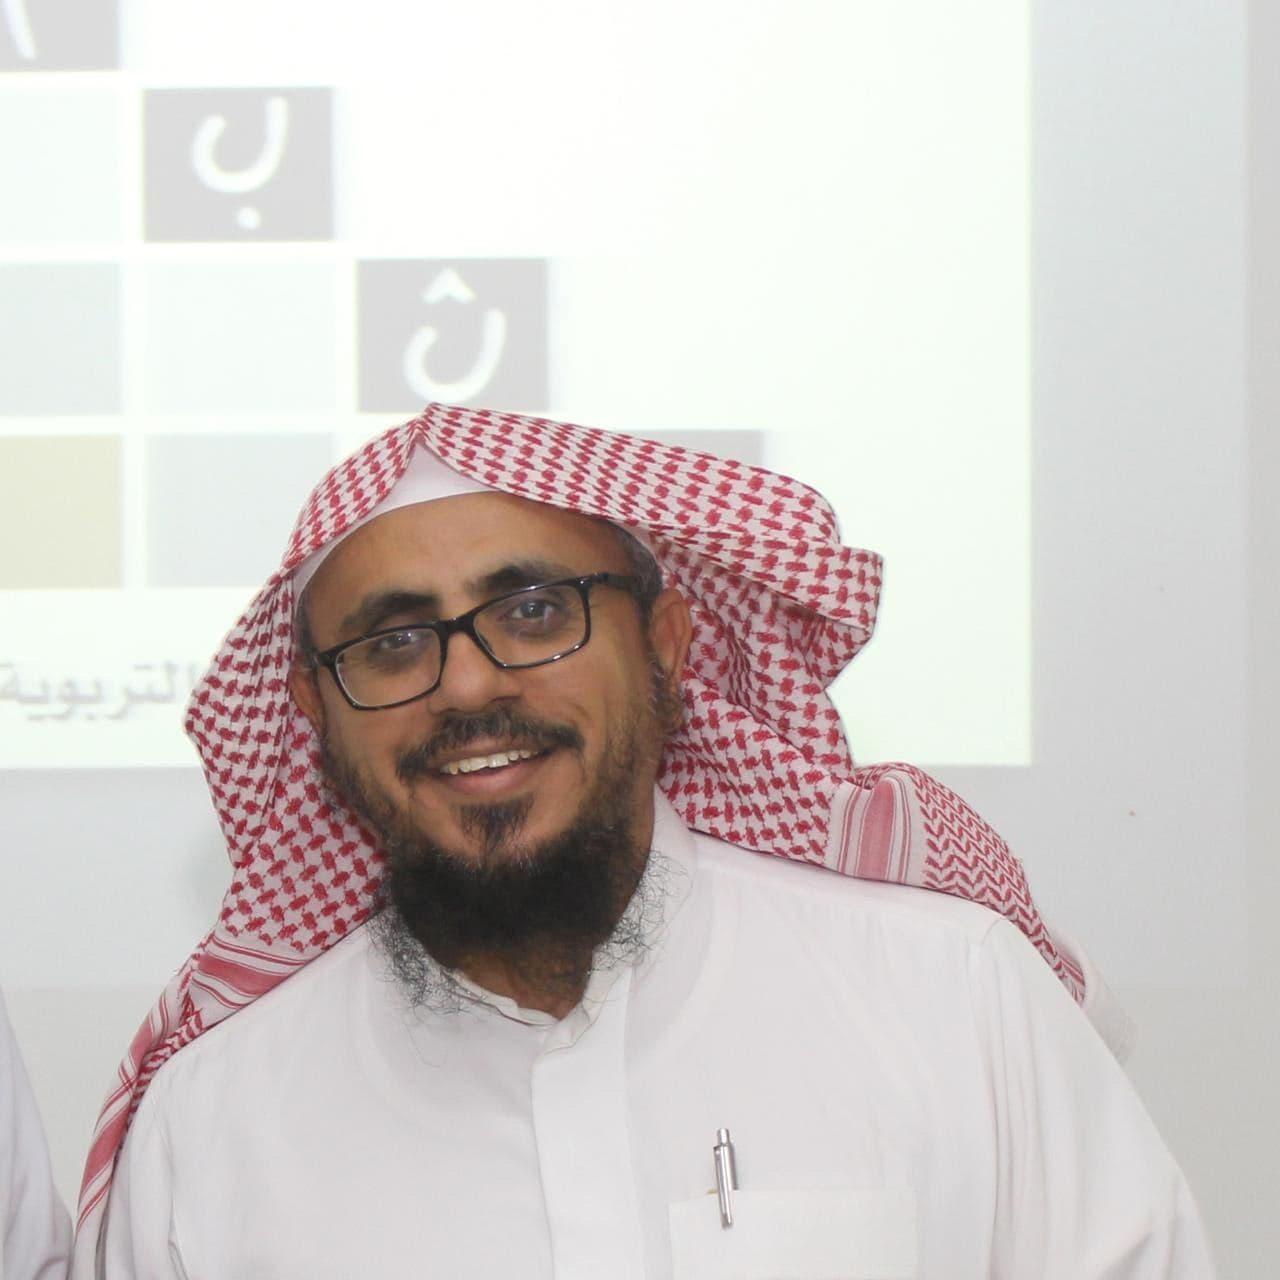 المدرب . عبدالله باجعمان